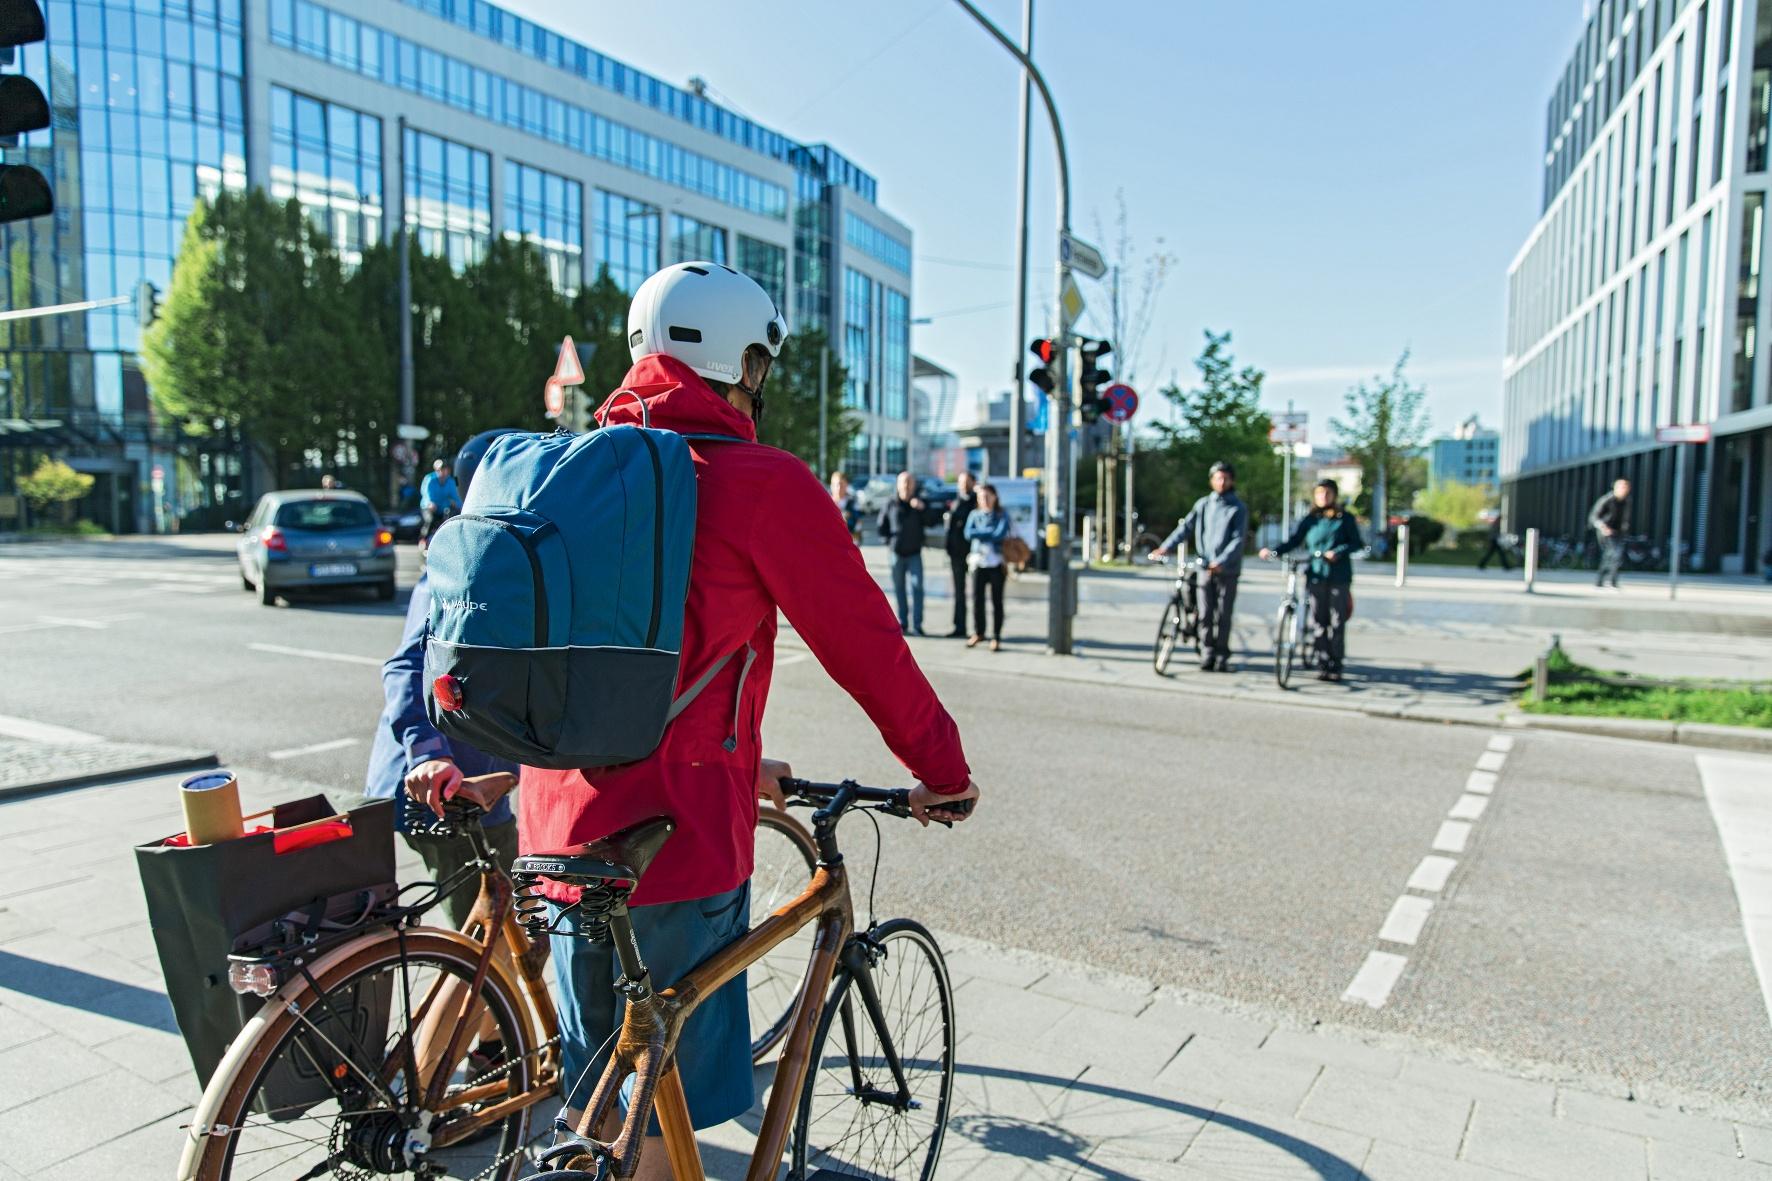 Der Straßenverkehr soll fahrradfreundlicher gestaltet werden